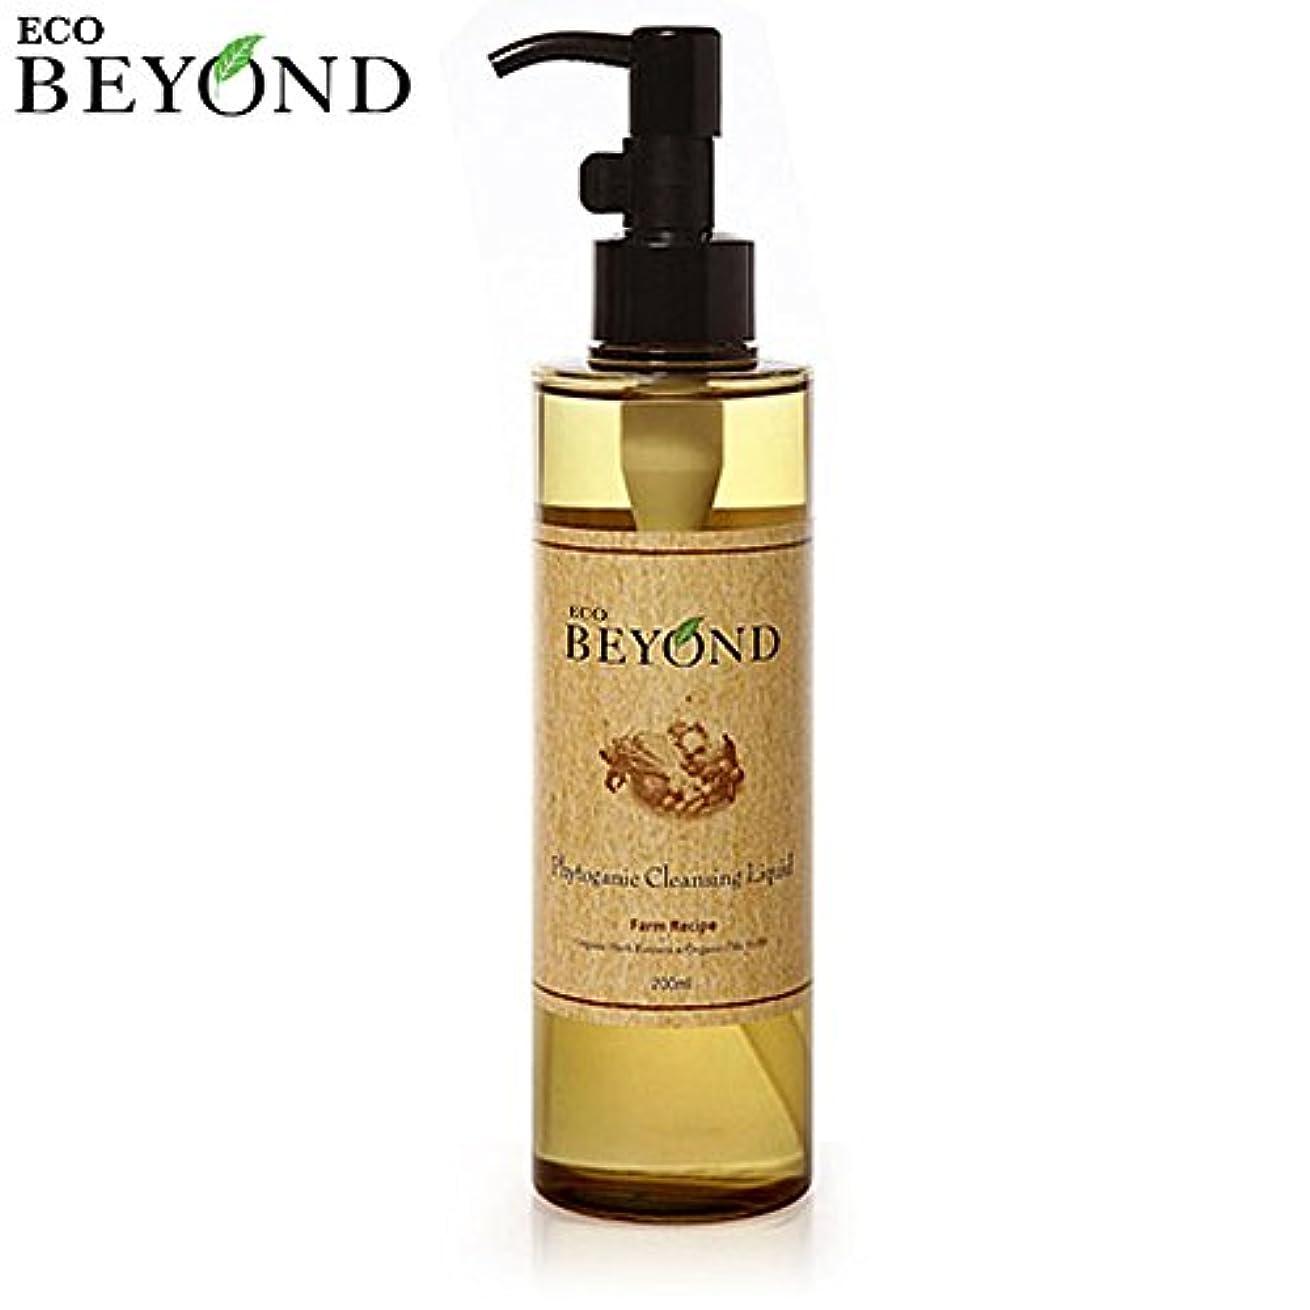 鷹謎混雑[ビヨンド] BEYOND [フィトガニック クレンジング リキッド 200ml] Phytoganic Cleansing Liquid 200ml [海外直送品]